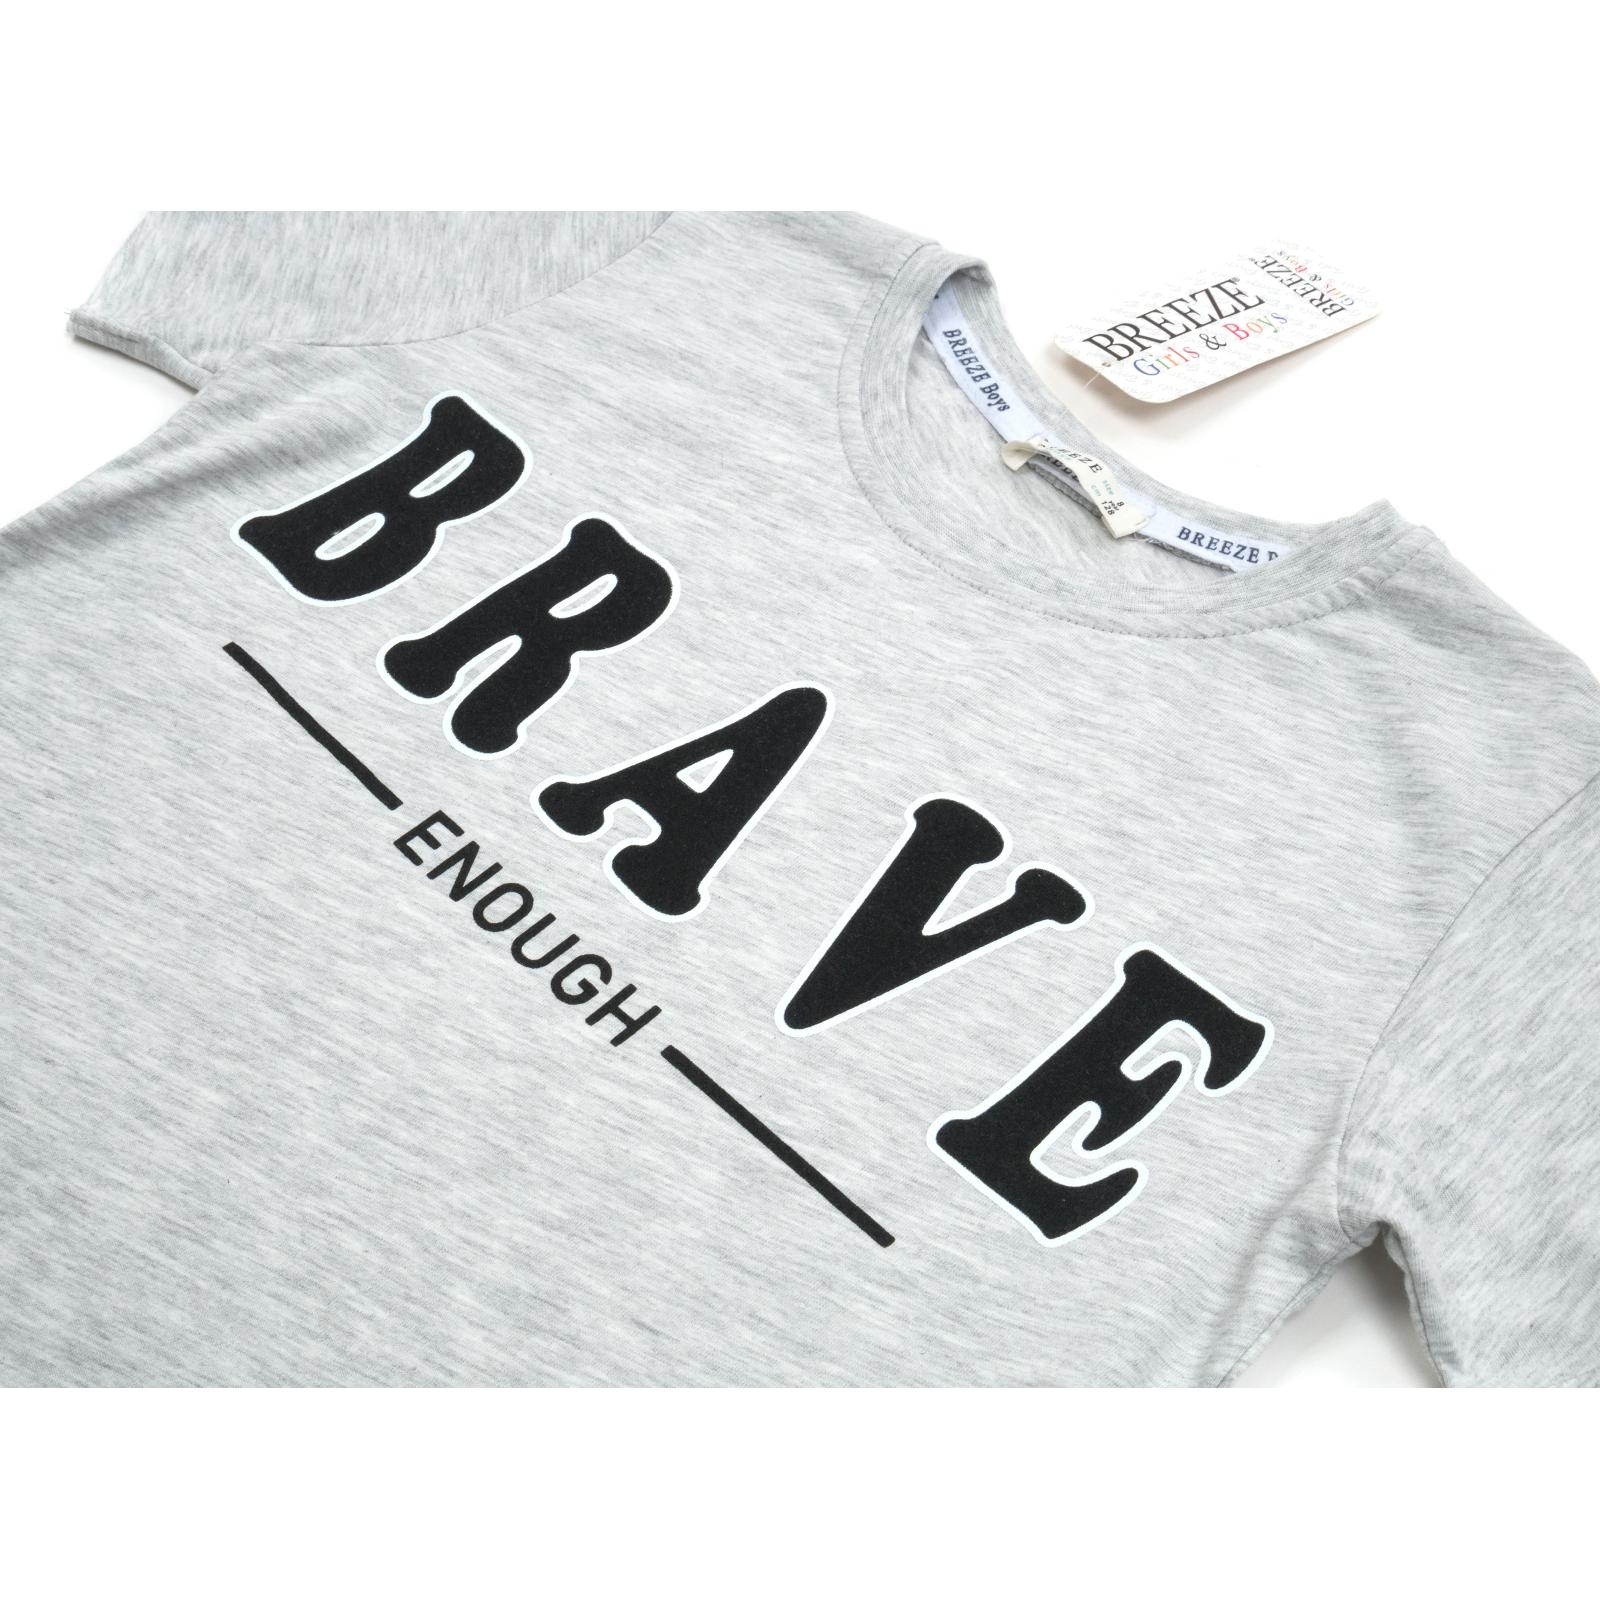 """Футболка детская Breeze """"BRAVE"""" (14351-140B-gray) изображение 3"""